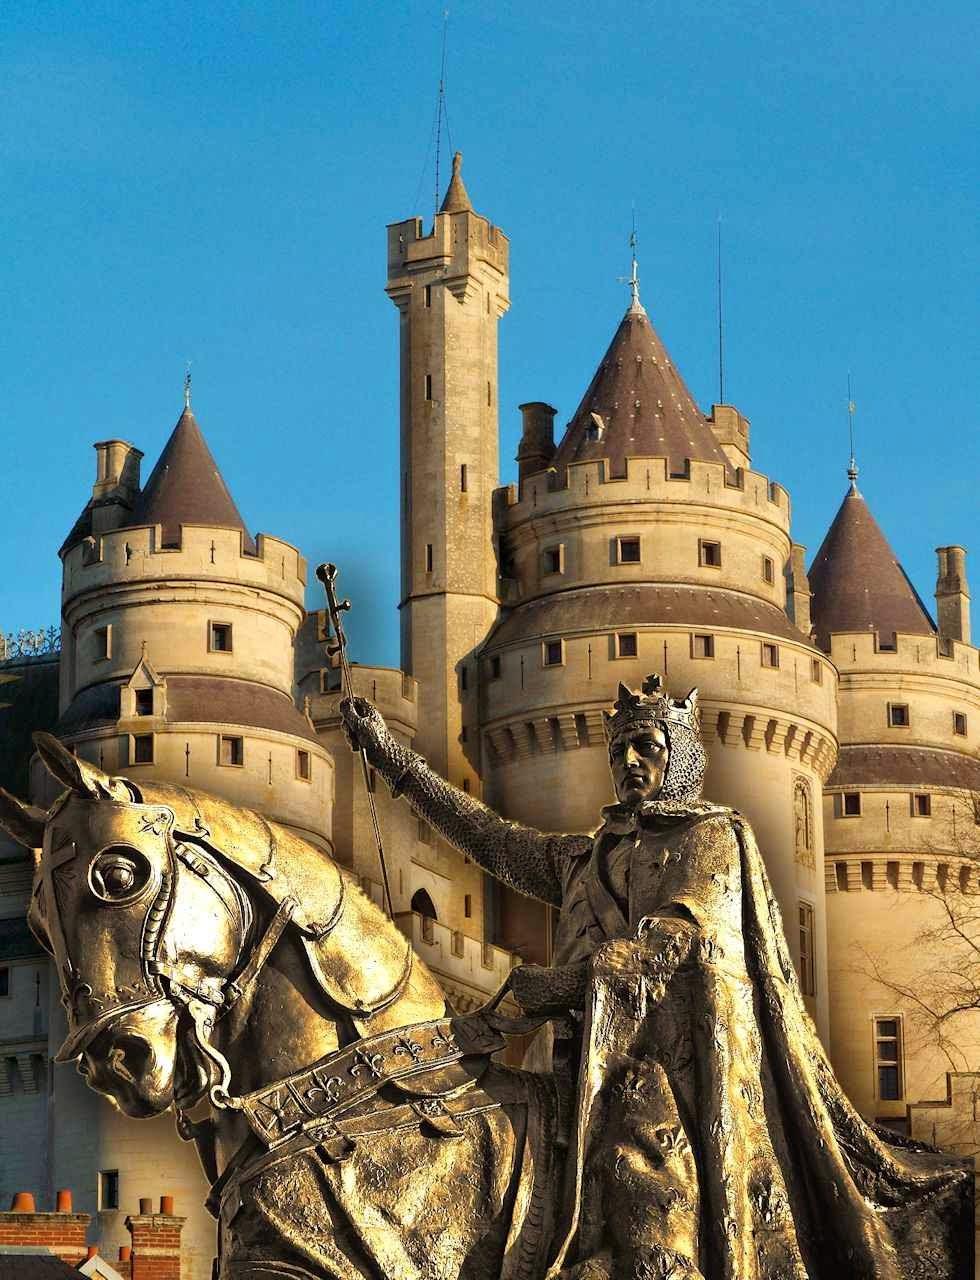 São Luis rei, estátua equestre de St Louis, Missouri, EUA. Fundo: castelo de Pierrefonds, França.